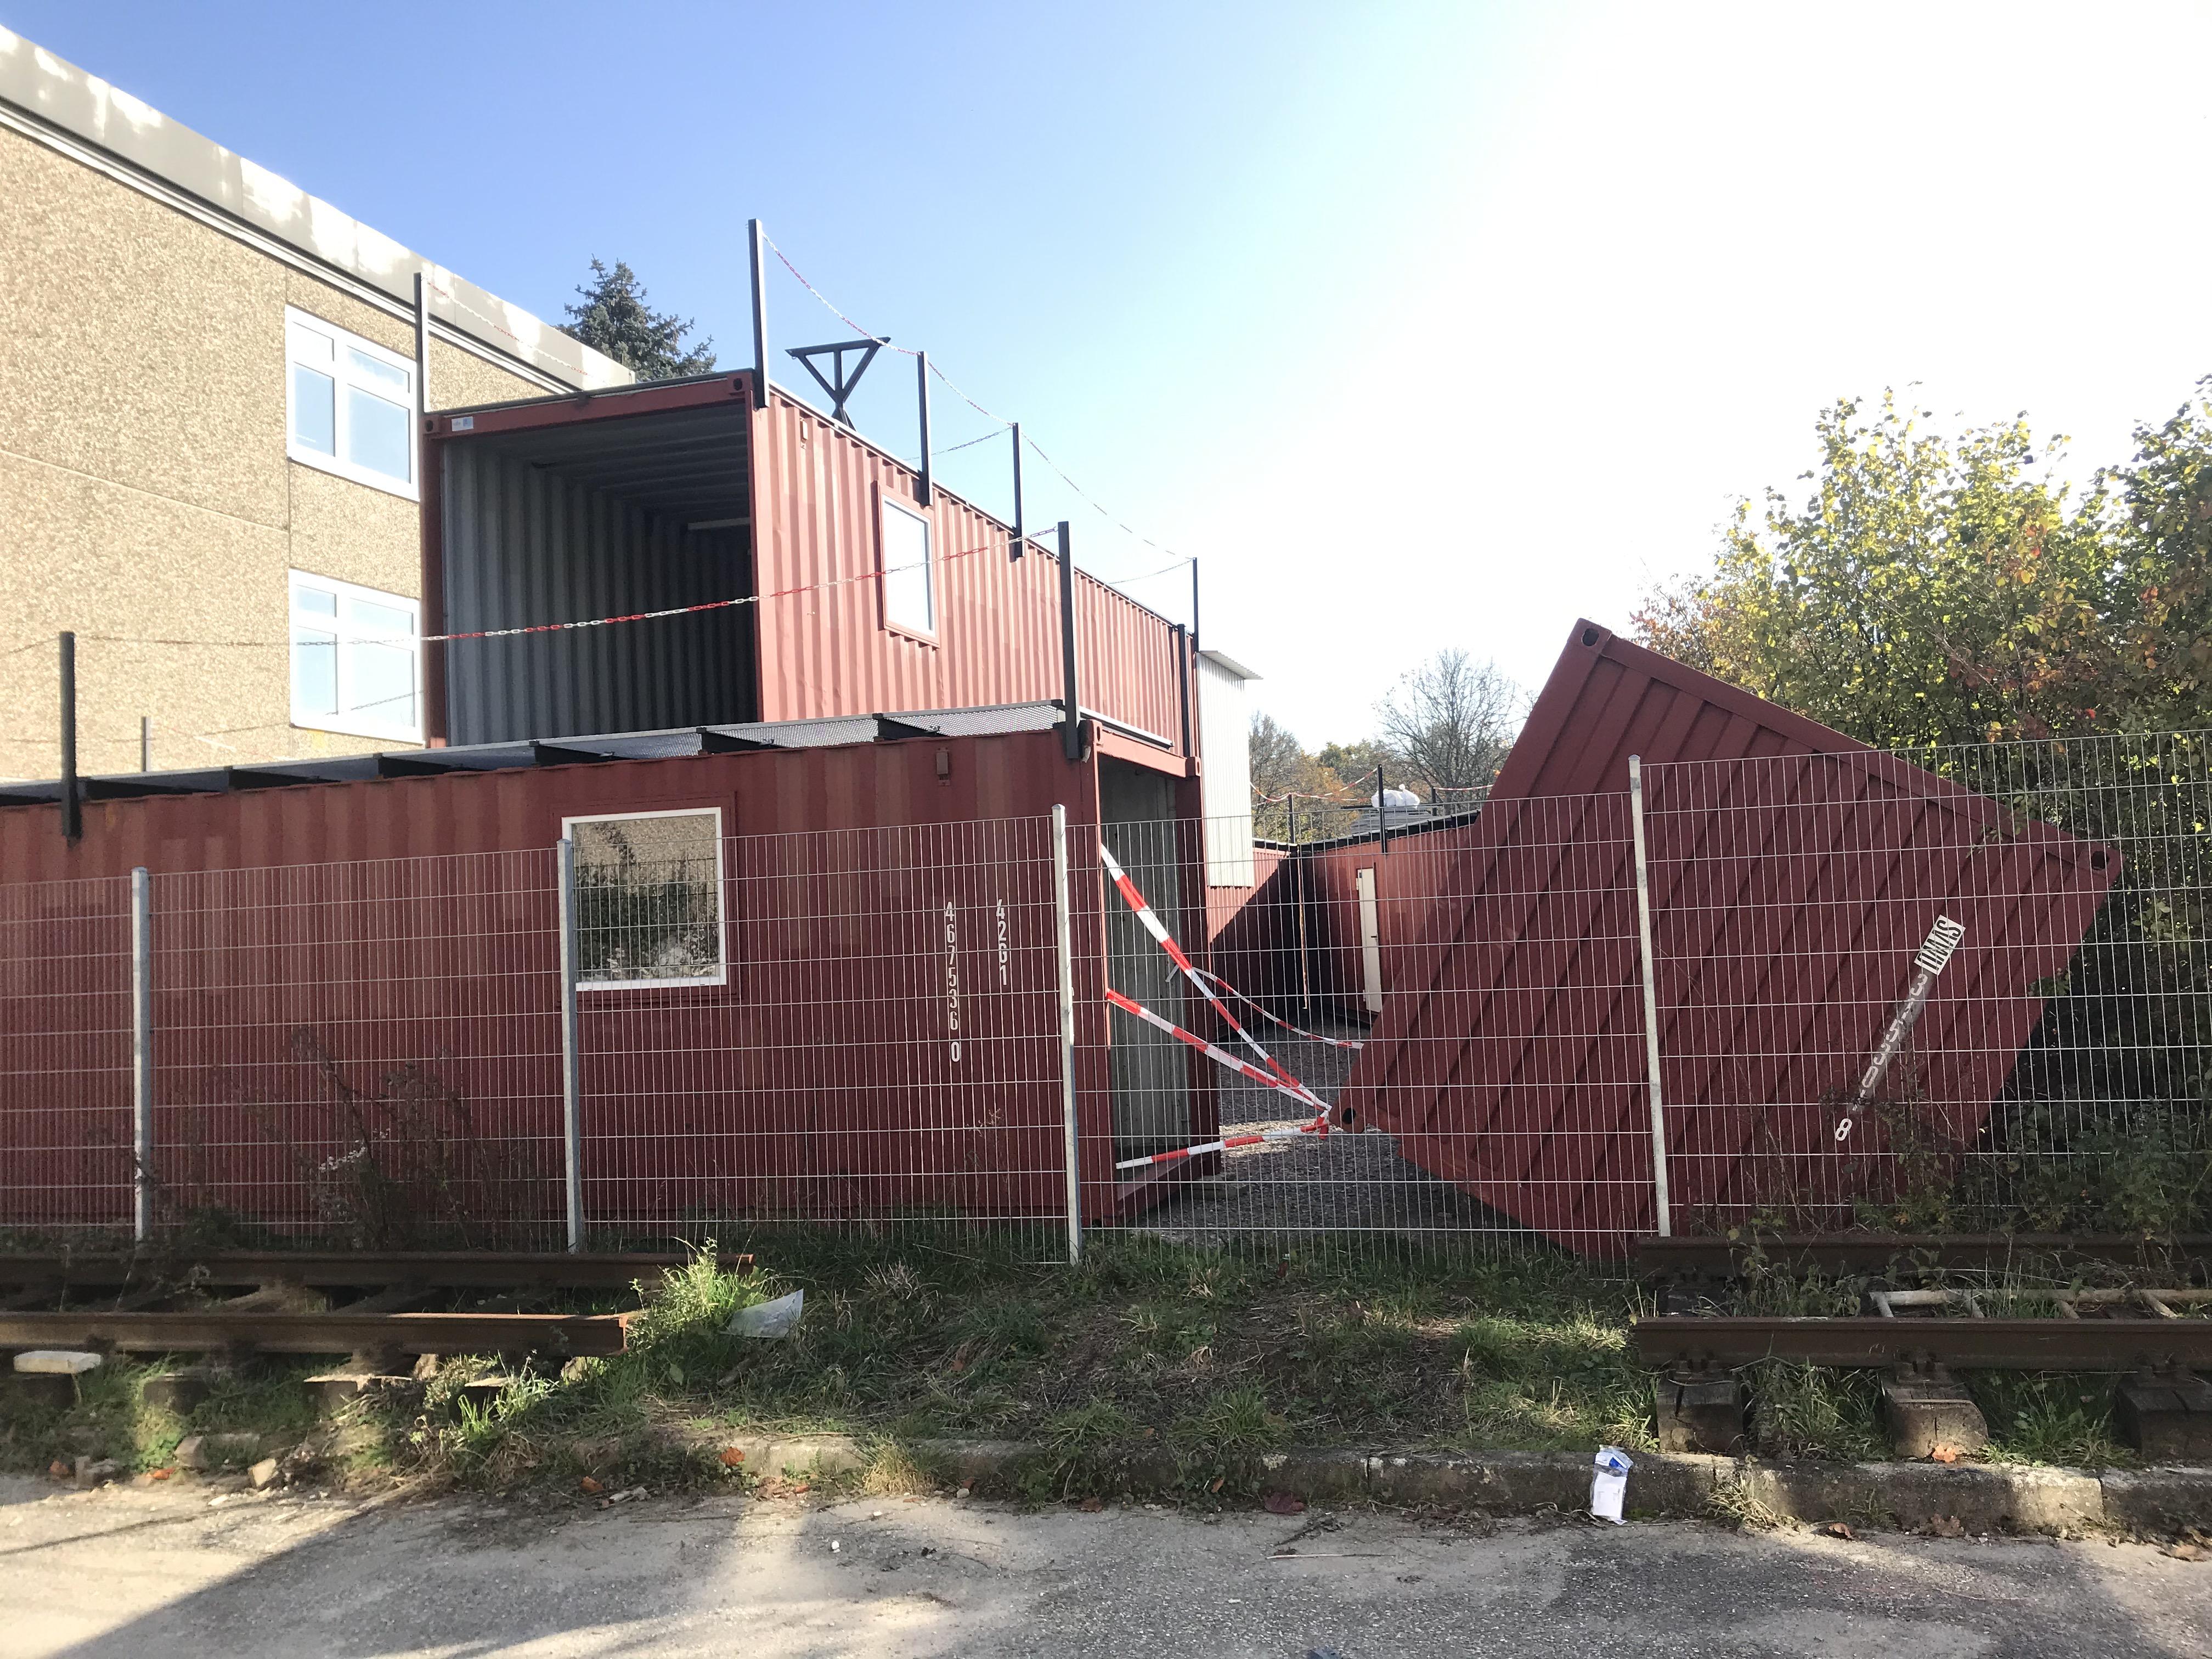 Sonder-Trainings-Anlage K9